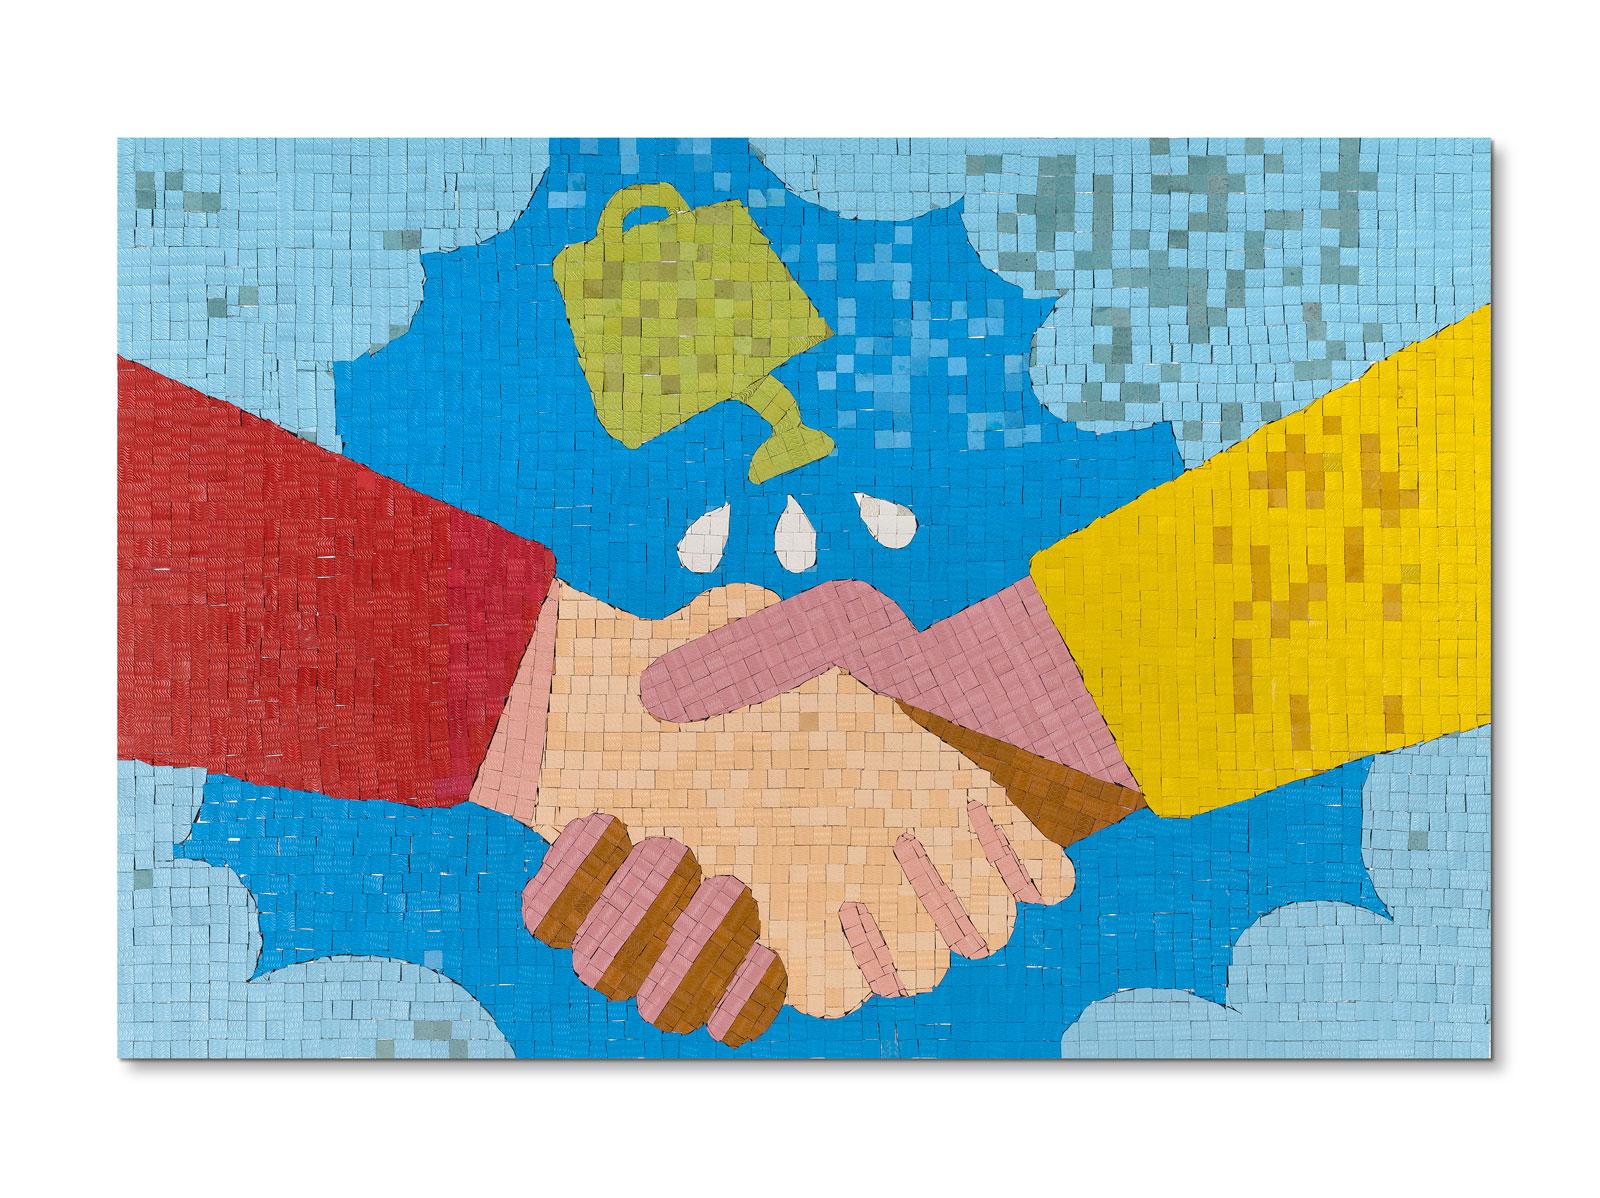 quadro-zanellato-dynamo-partnership-per-gli-obiettivi